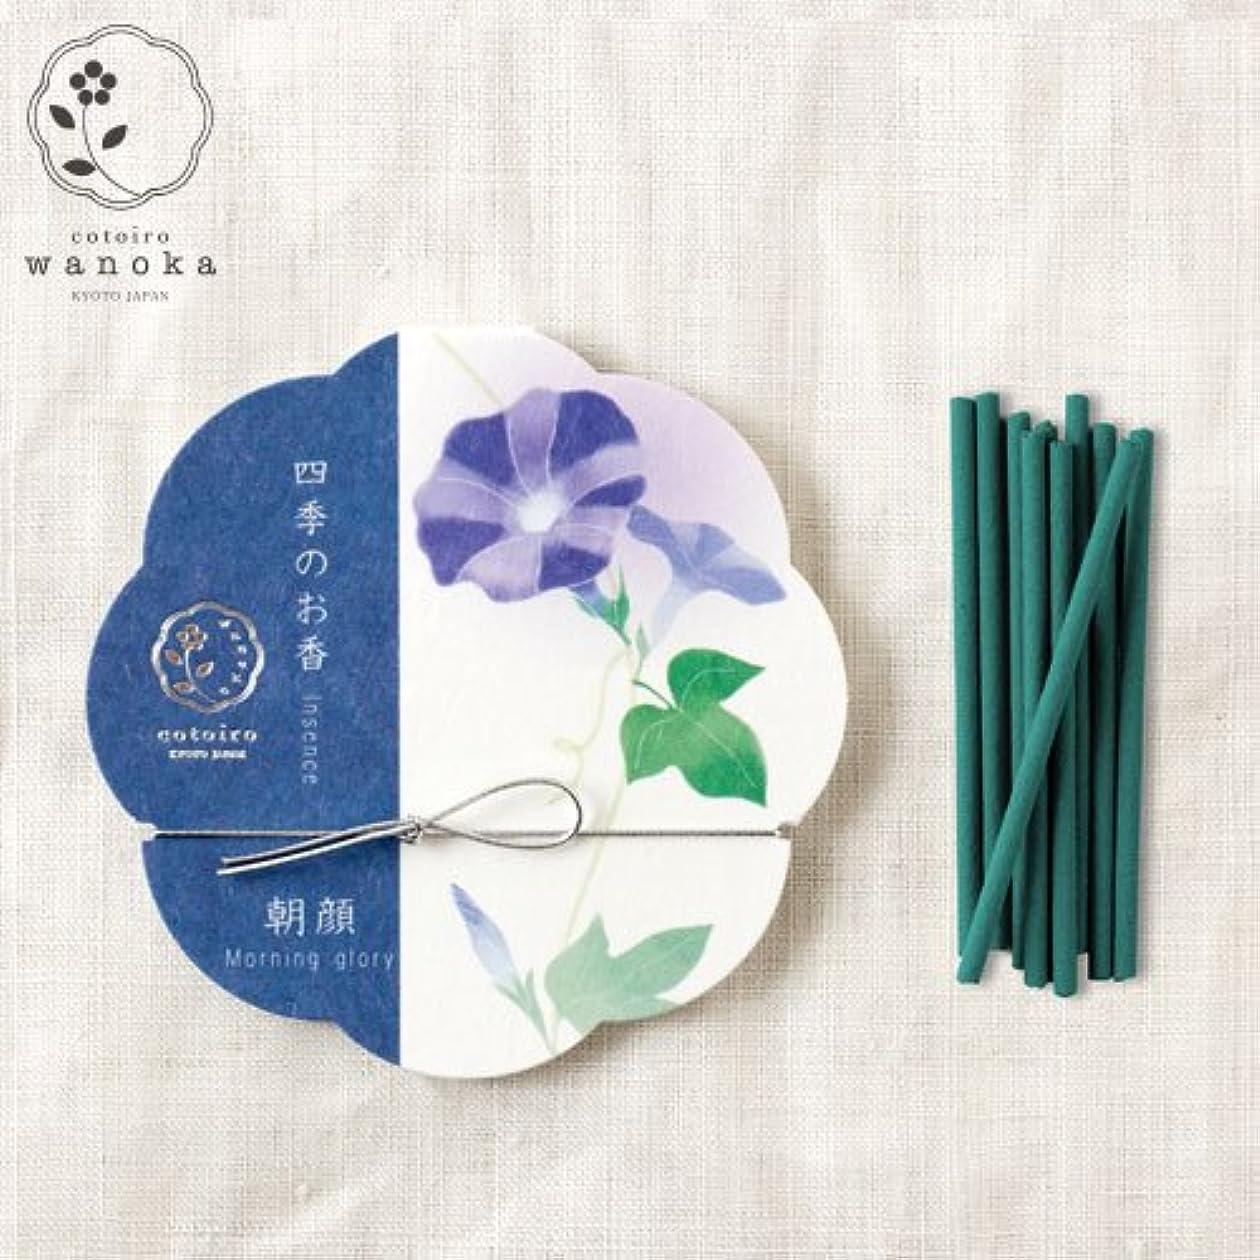 ビーチ隠す感嘆wanoka四季のお香(インセンス)朝顔《涼しげな朝顔をイメージした香り》ART LABIncense stick